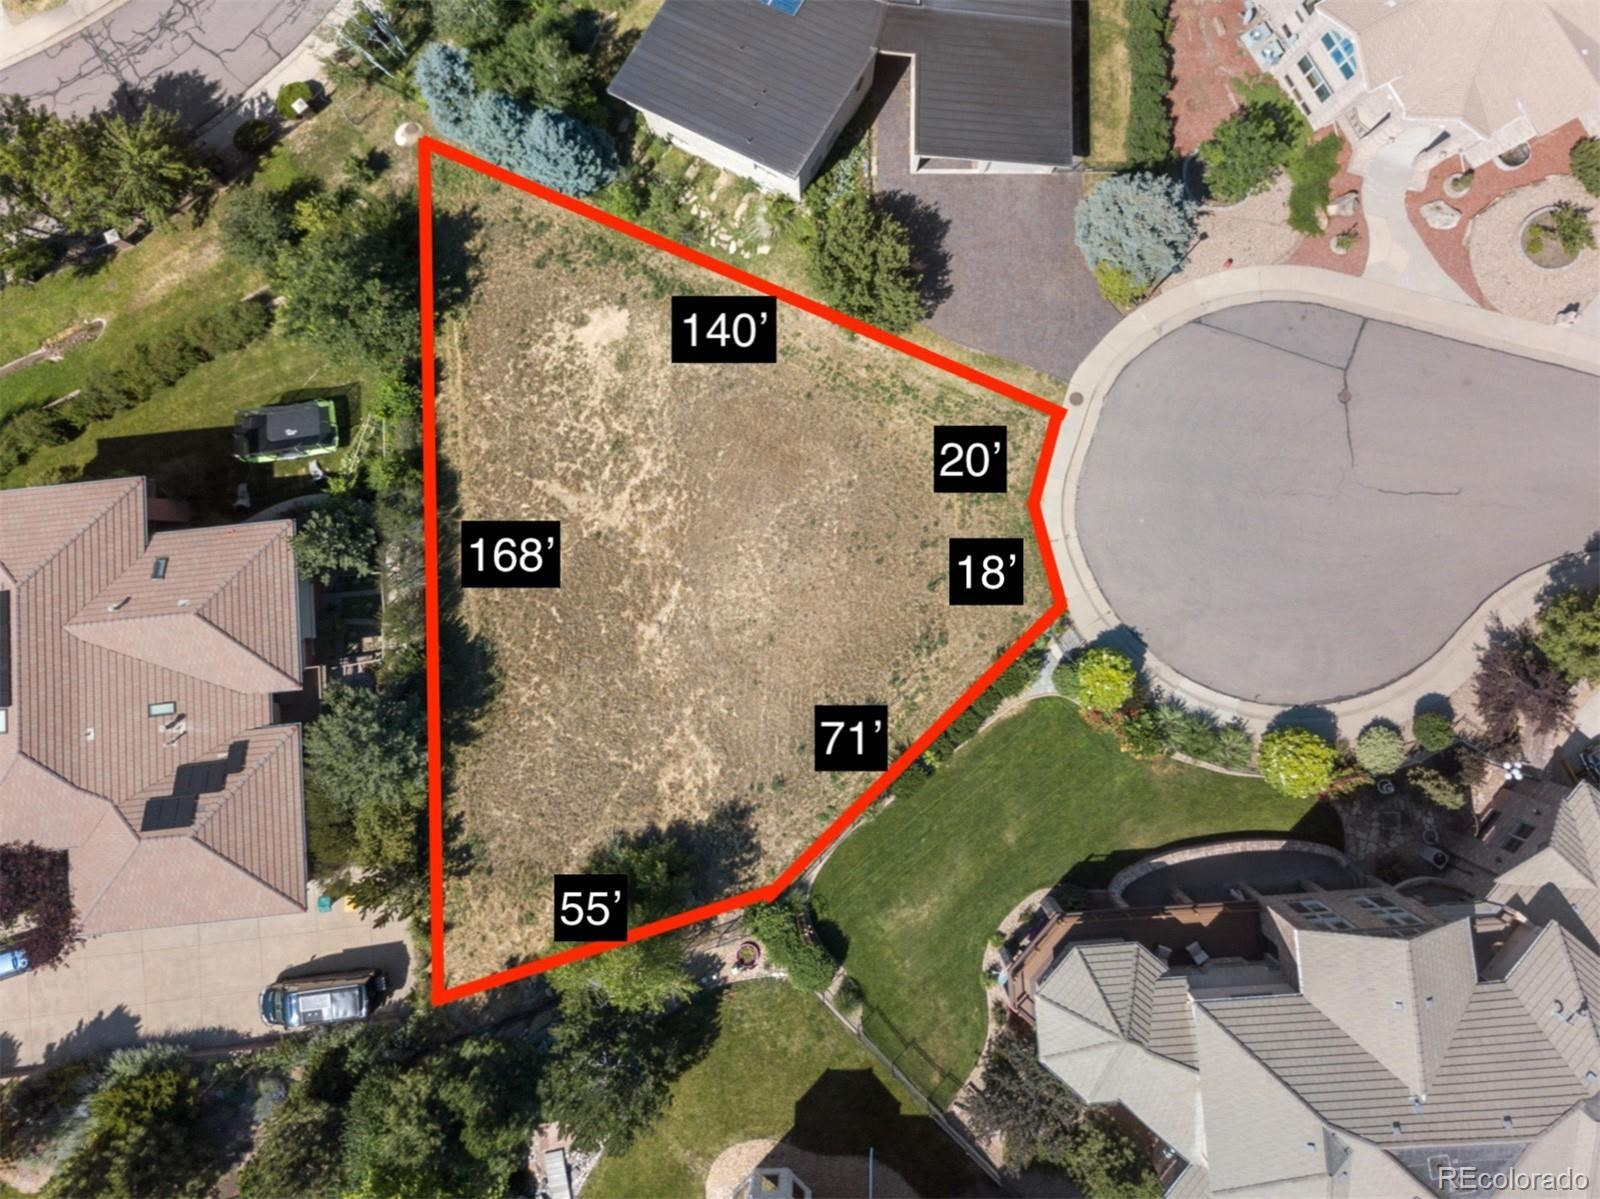 MLS# 4397080 - 1 - 2581 S Harlan Court, Lakewood, CO 80227